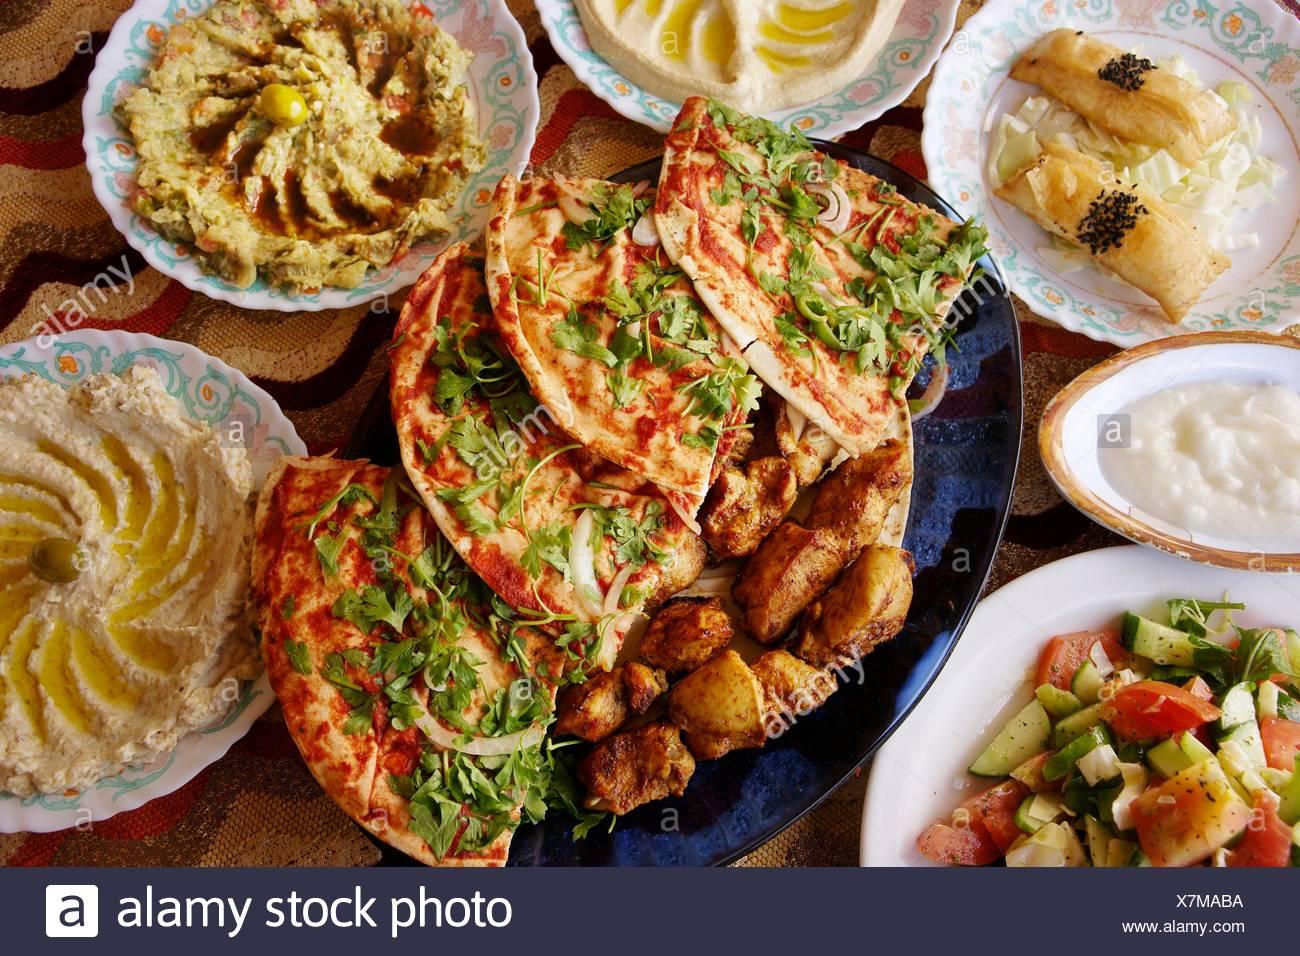 """L'alimentation: """"différentes"""", """"eze salades houmous' et plus, avec chiken 'kebab' Grill et le pain, pizza '' style, Hama, en Syrie Photo Stock"""